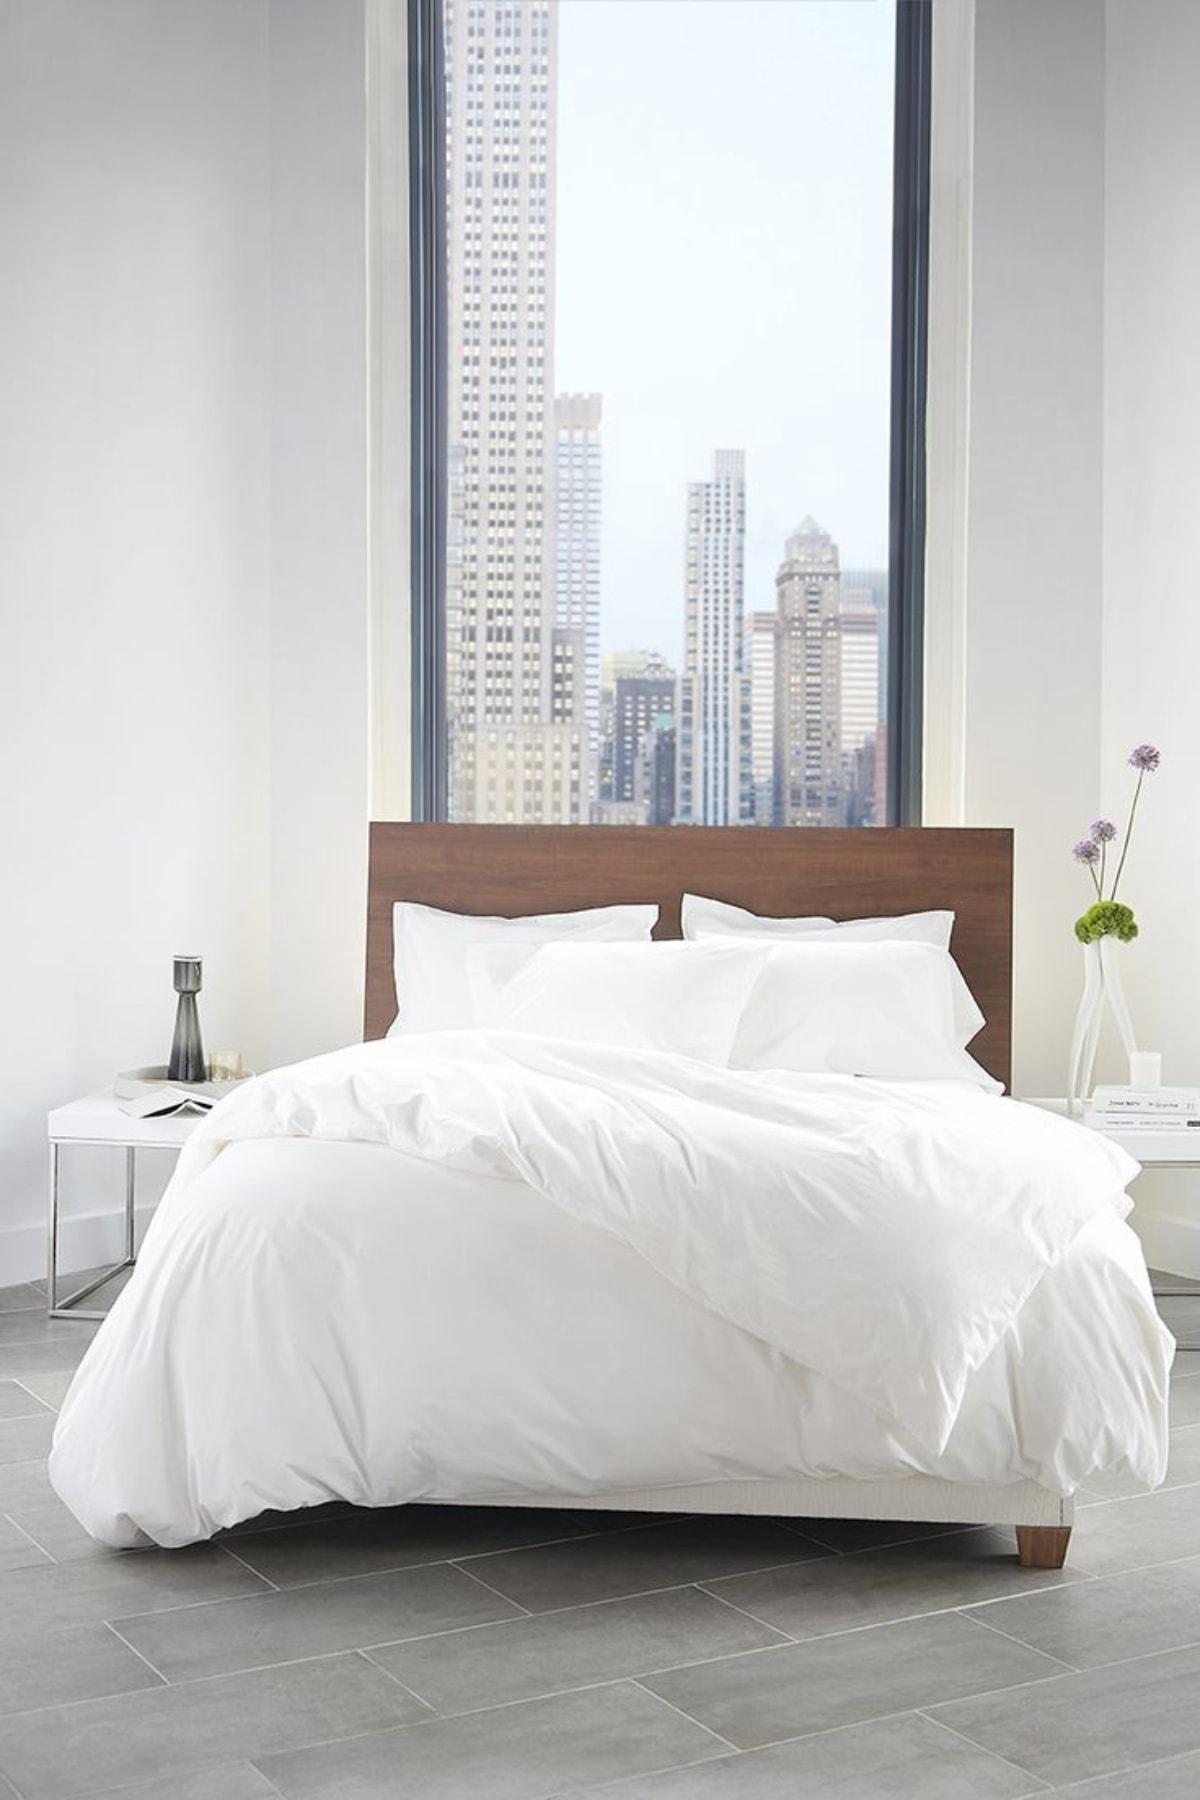 Tekstil Home Lüx Serisi Otel Tipi Düz Pamuk Saten Nevresim Takımı Çift Kişilik 1